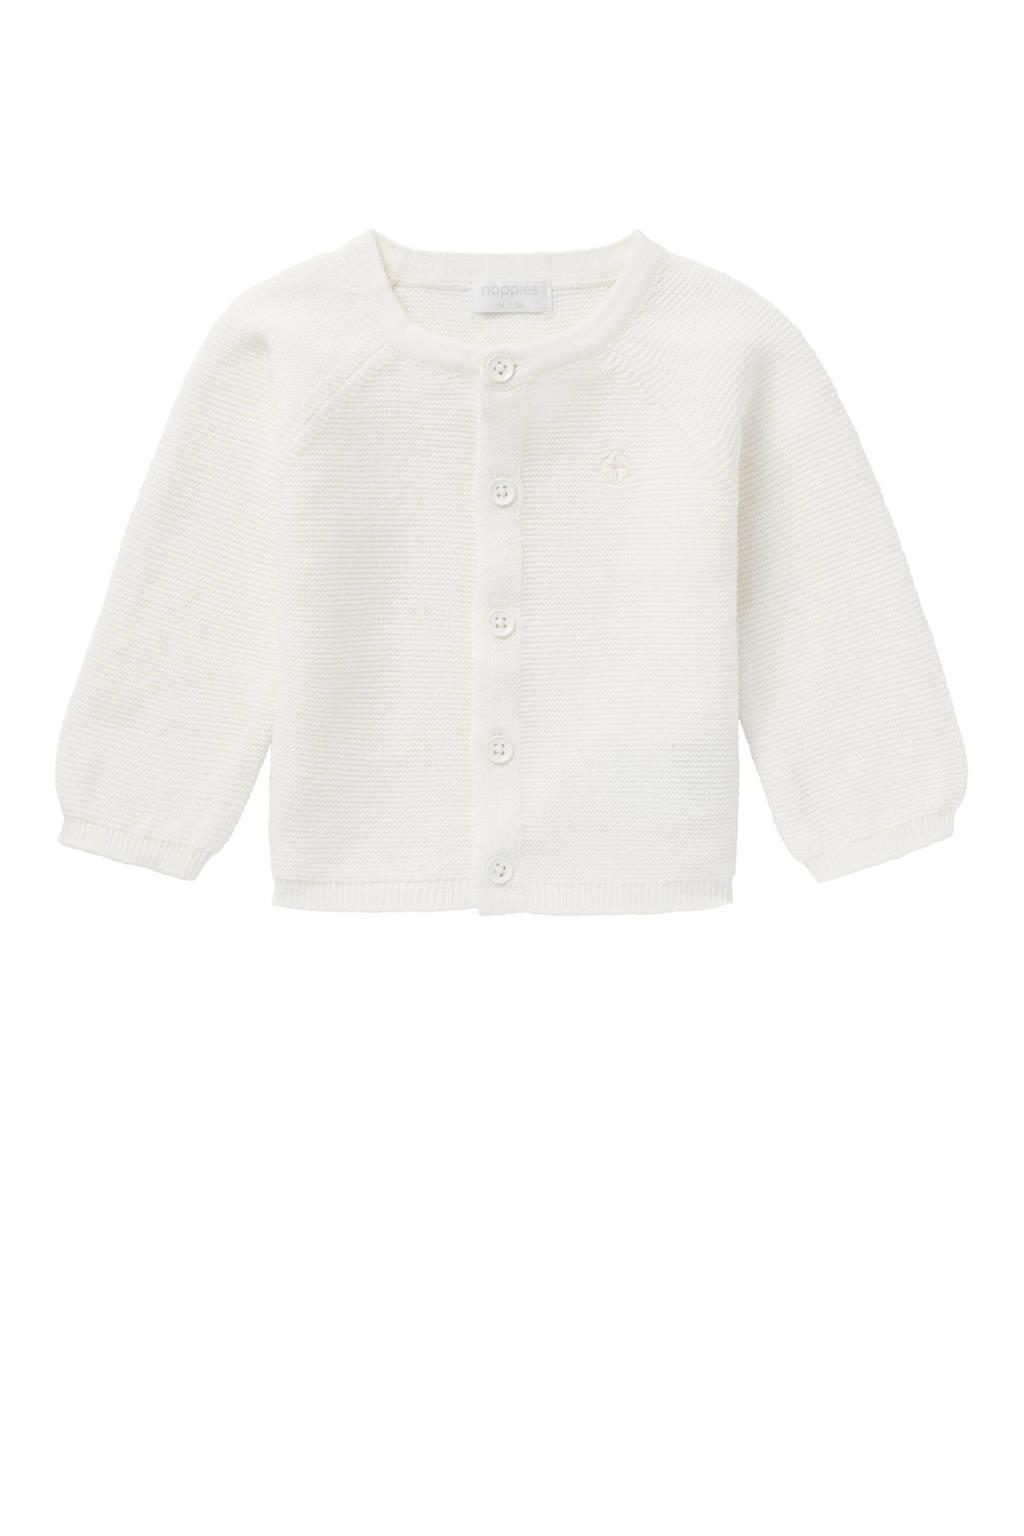 Noppies baby vest Naga van biologisch katoen wit, Wit